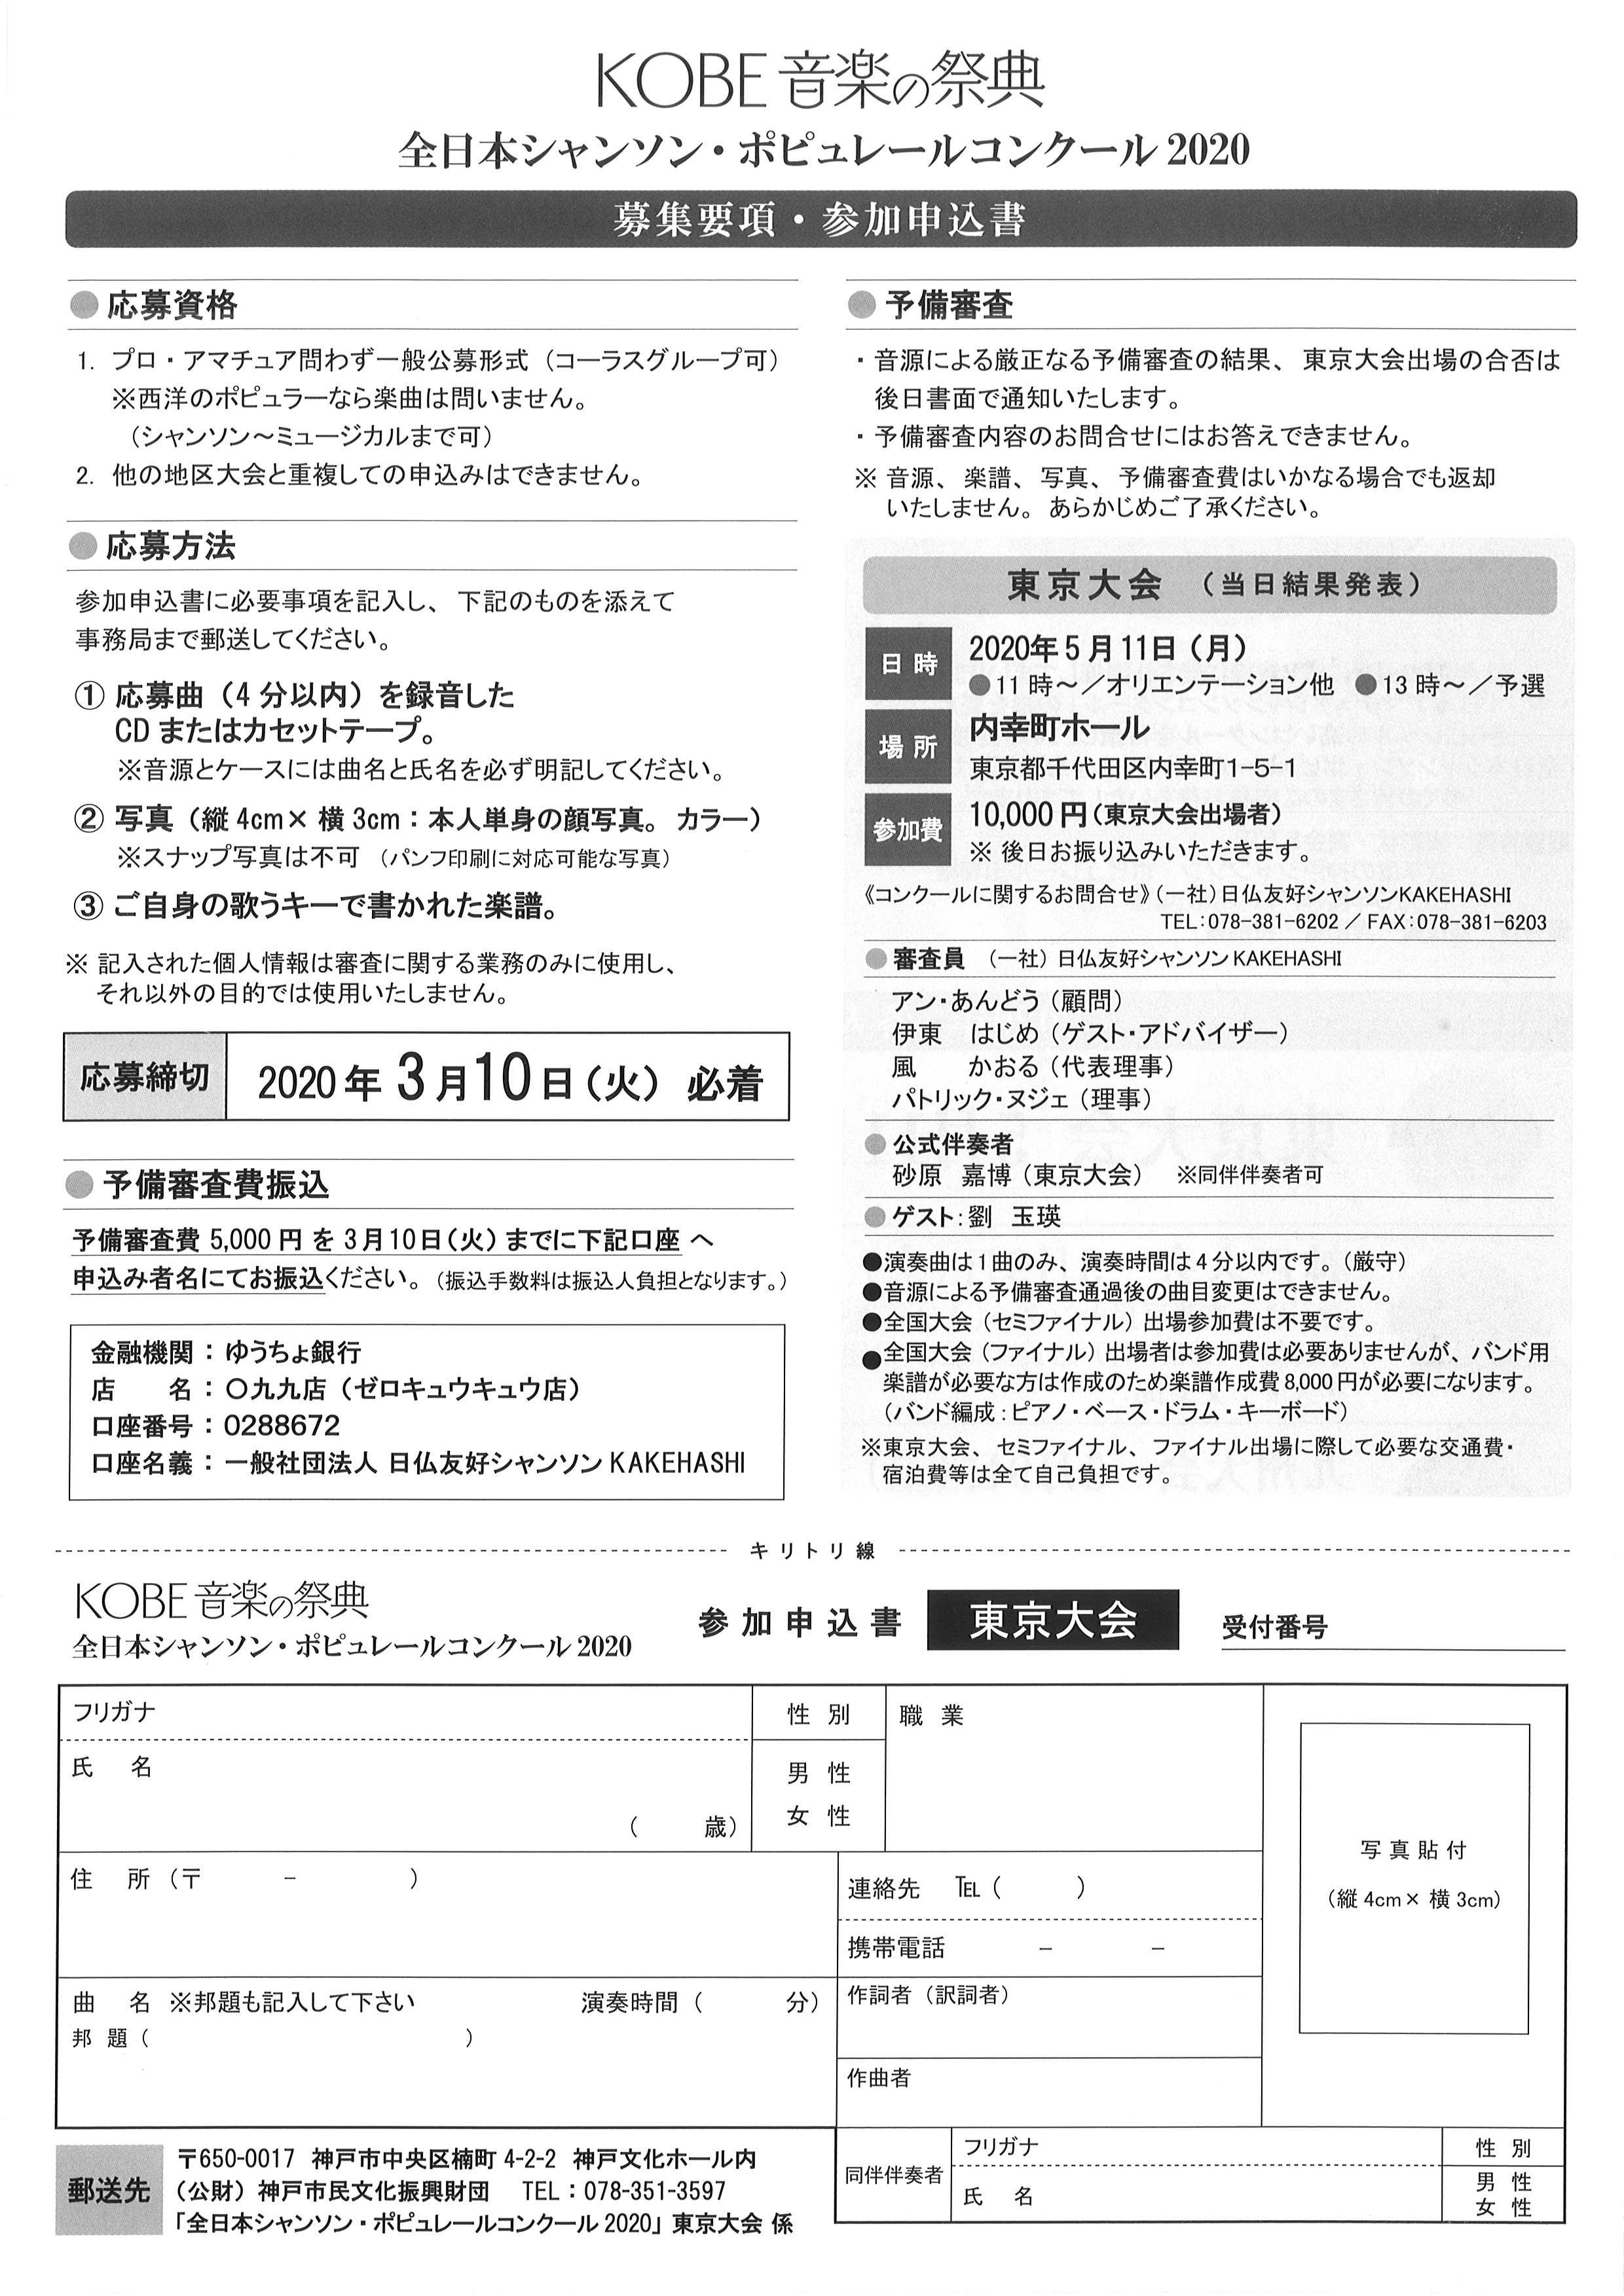 ポピュレールコンクール東京大会_裏-1.jpg